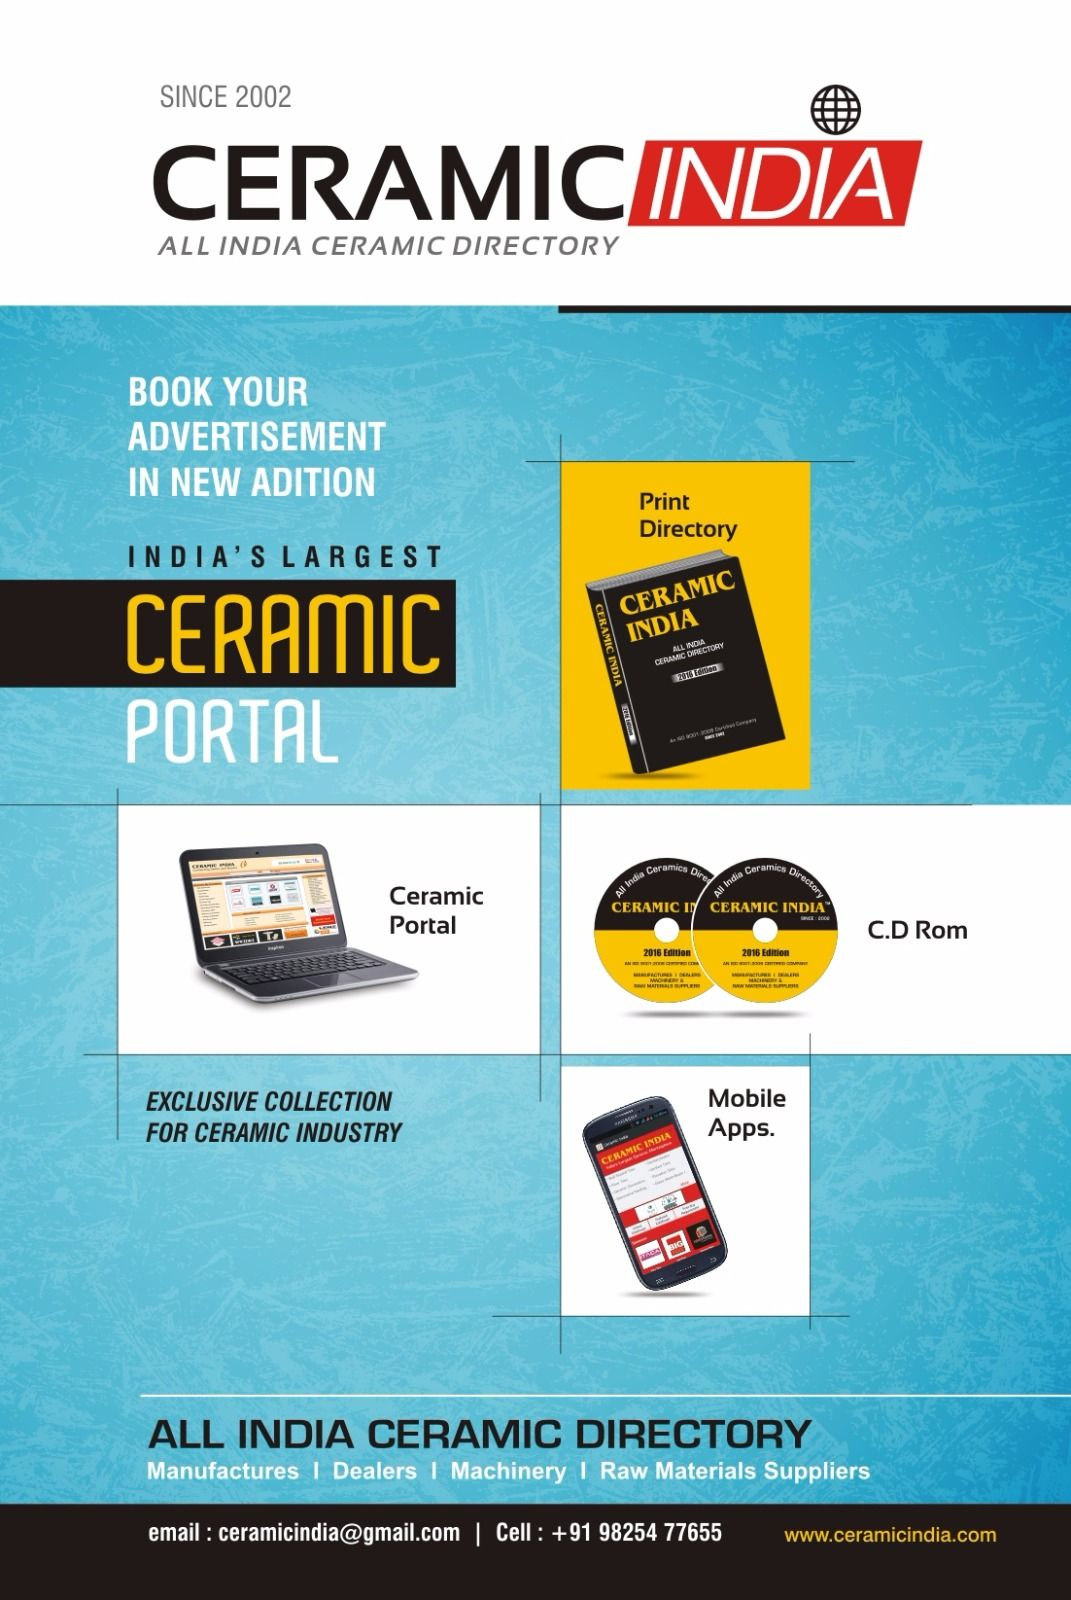 ceramic india all india ceramic directory , #ceramic #india